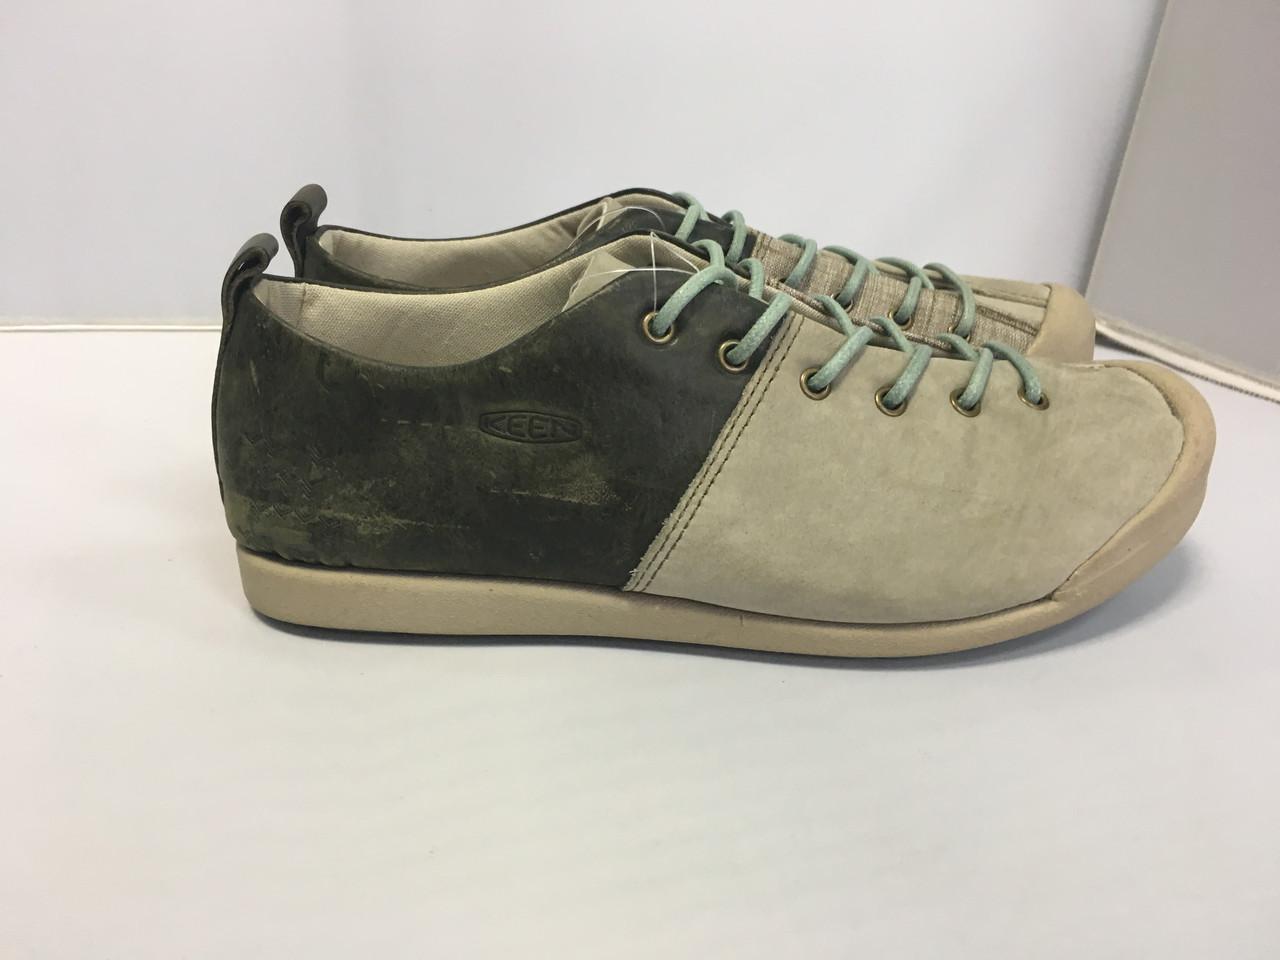 Женские туфли Keen, 37,5 размер, фото 1